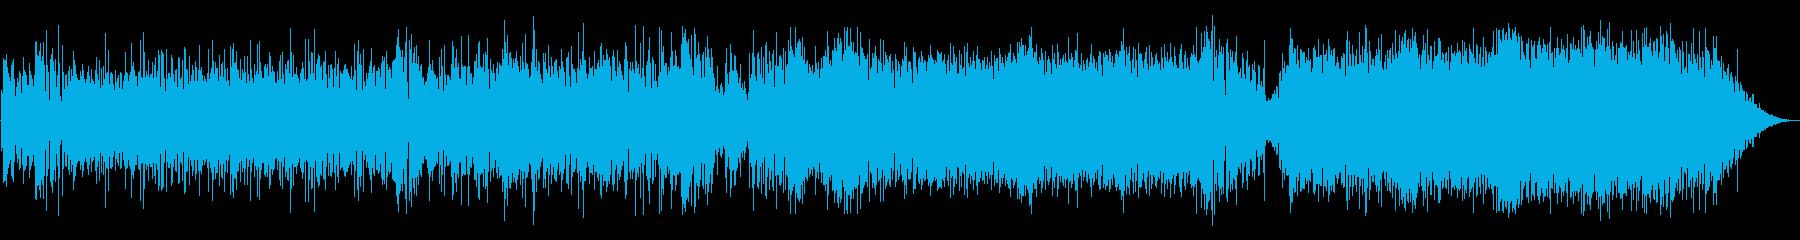 ブラスとエレキギターが歌うハッピーロックの再生済みの波形